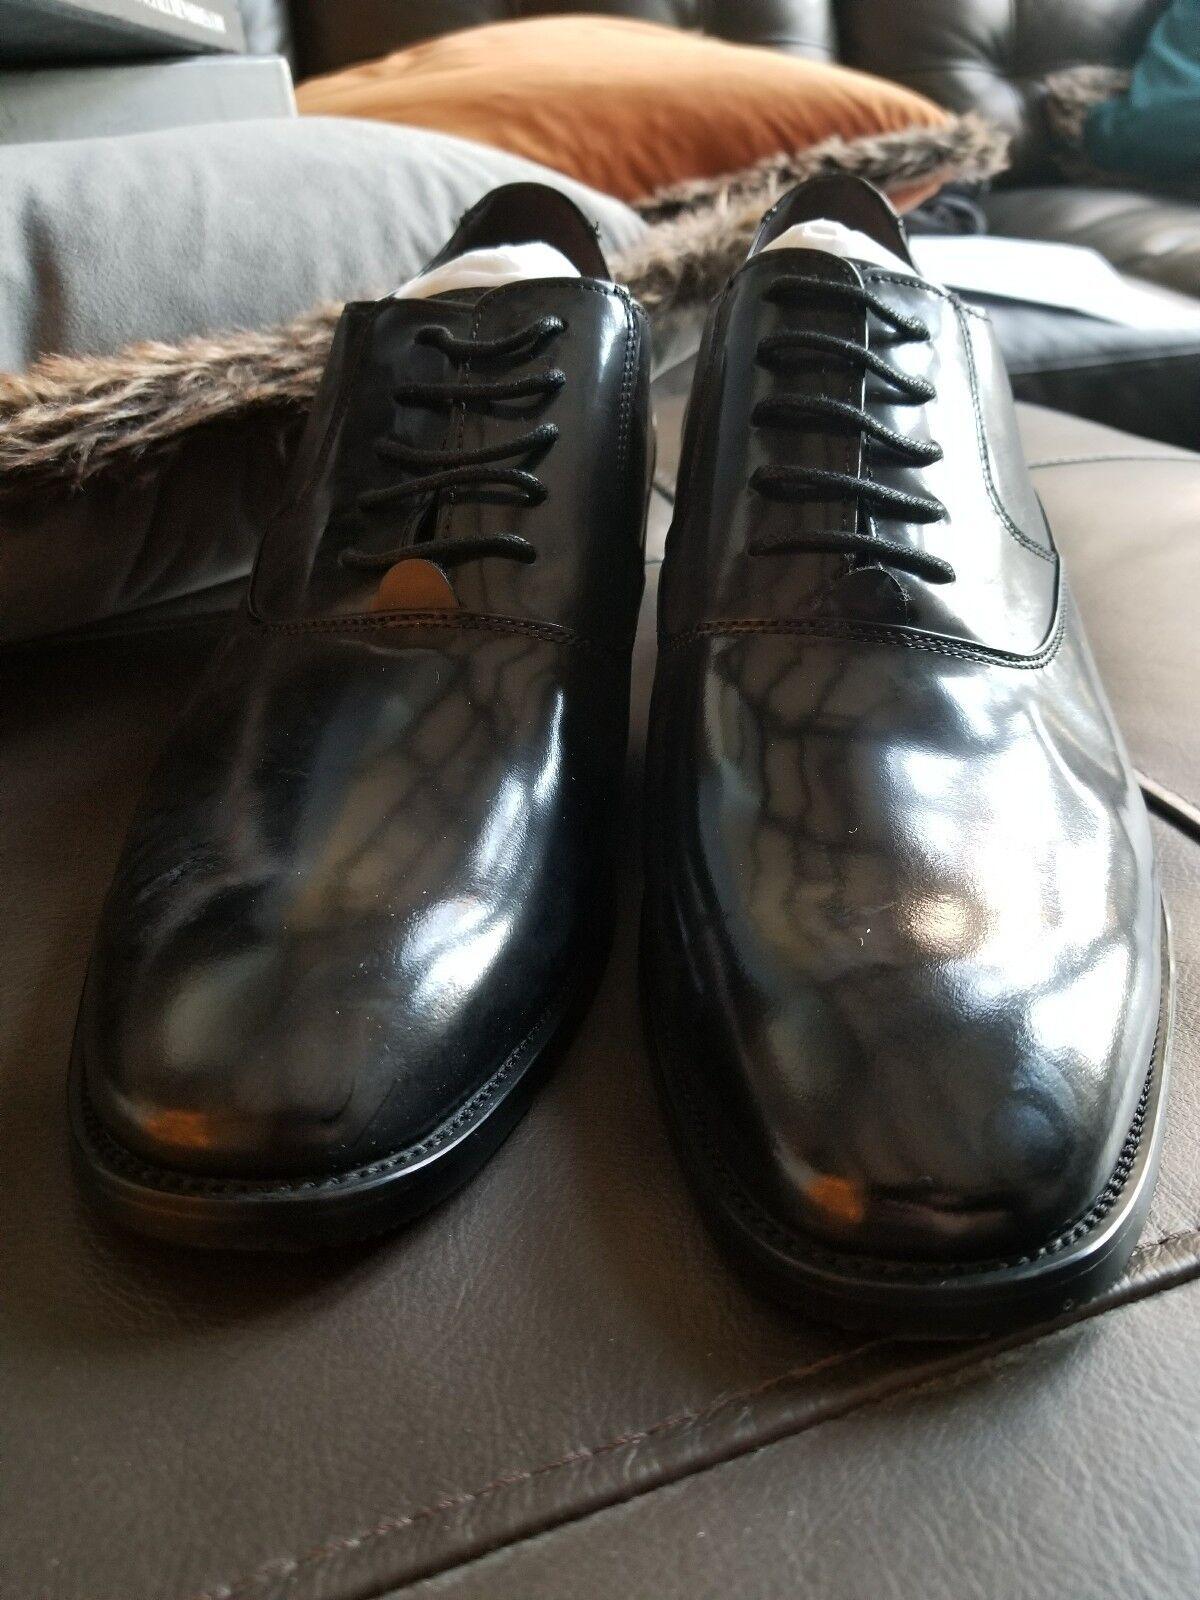 Calto G1019 - 3 pulgadas de altura Elevador aumentar Imitación Charol Estilo Zapato